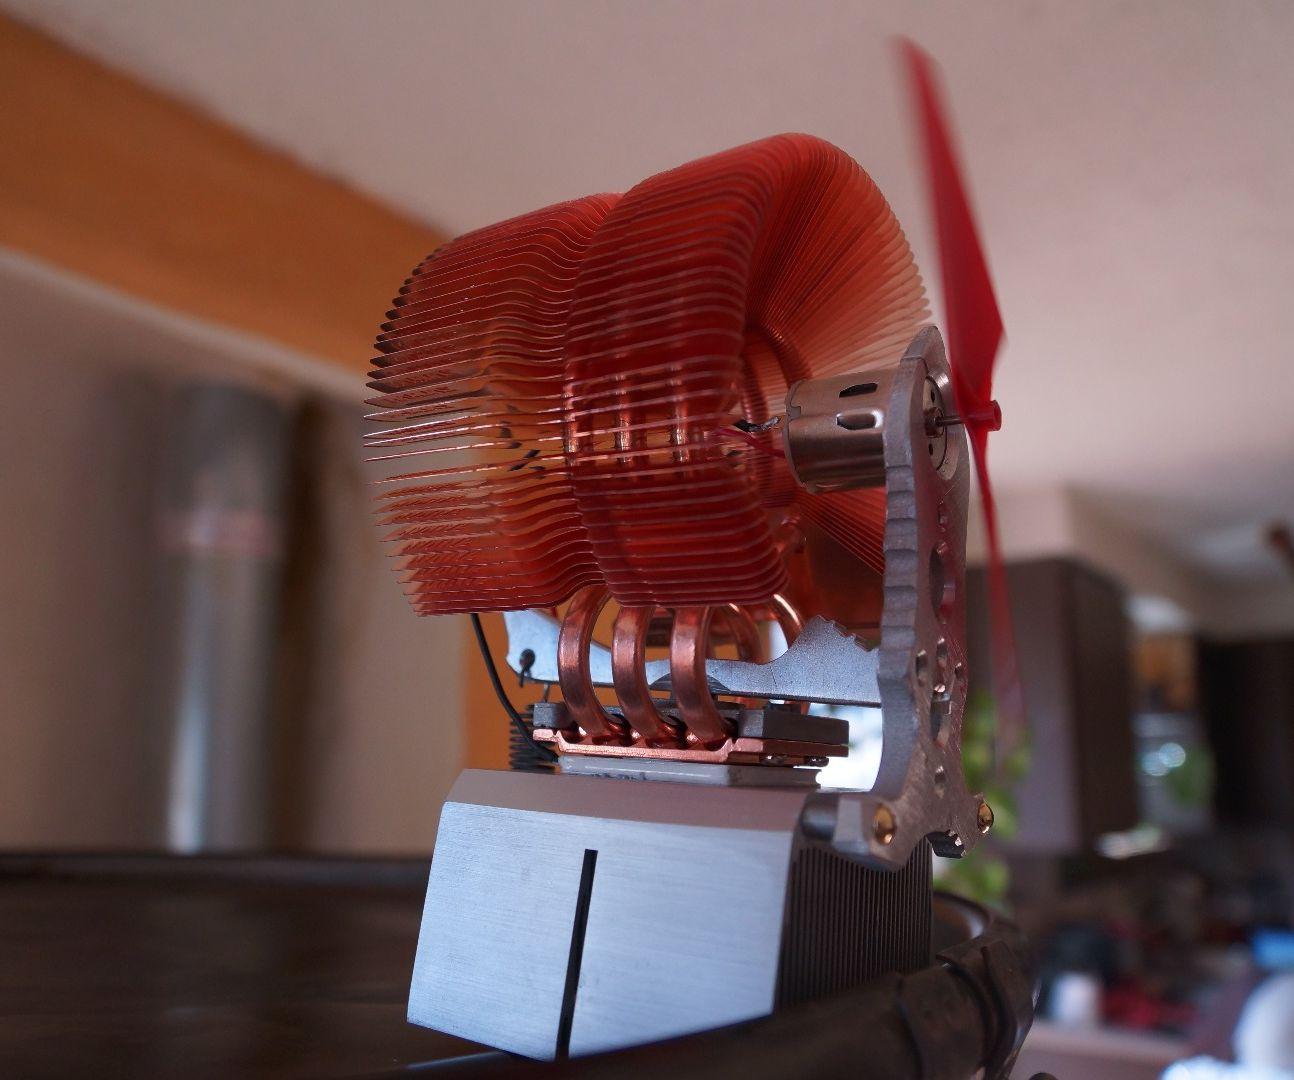 Peltier Fan / Phone Charger